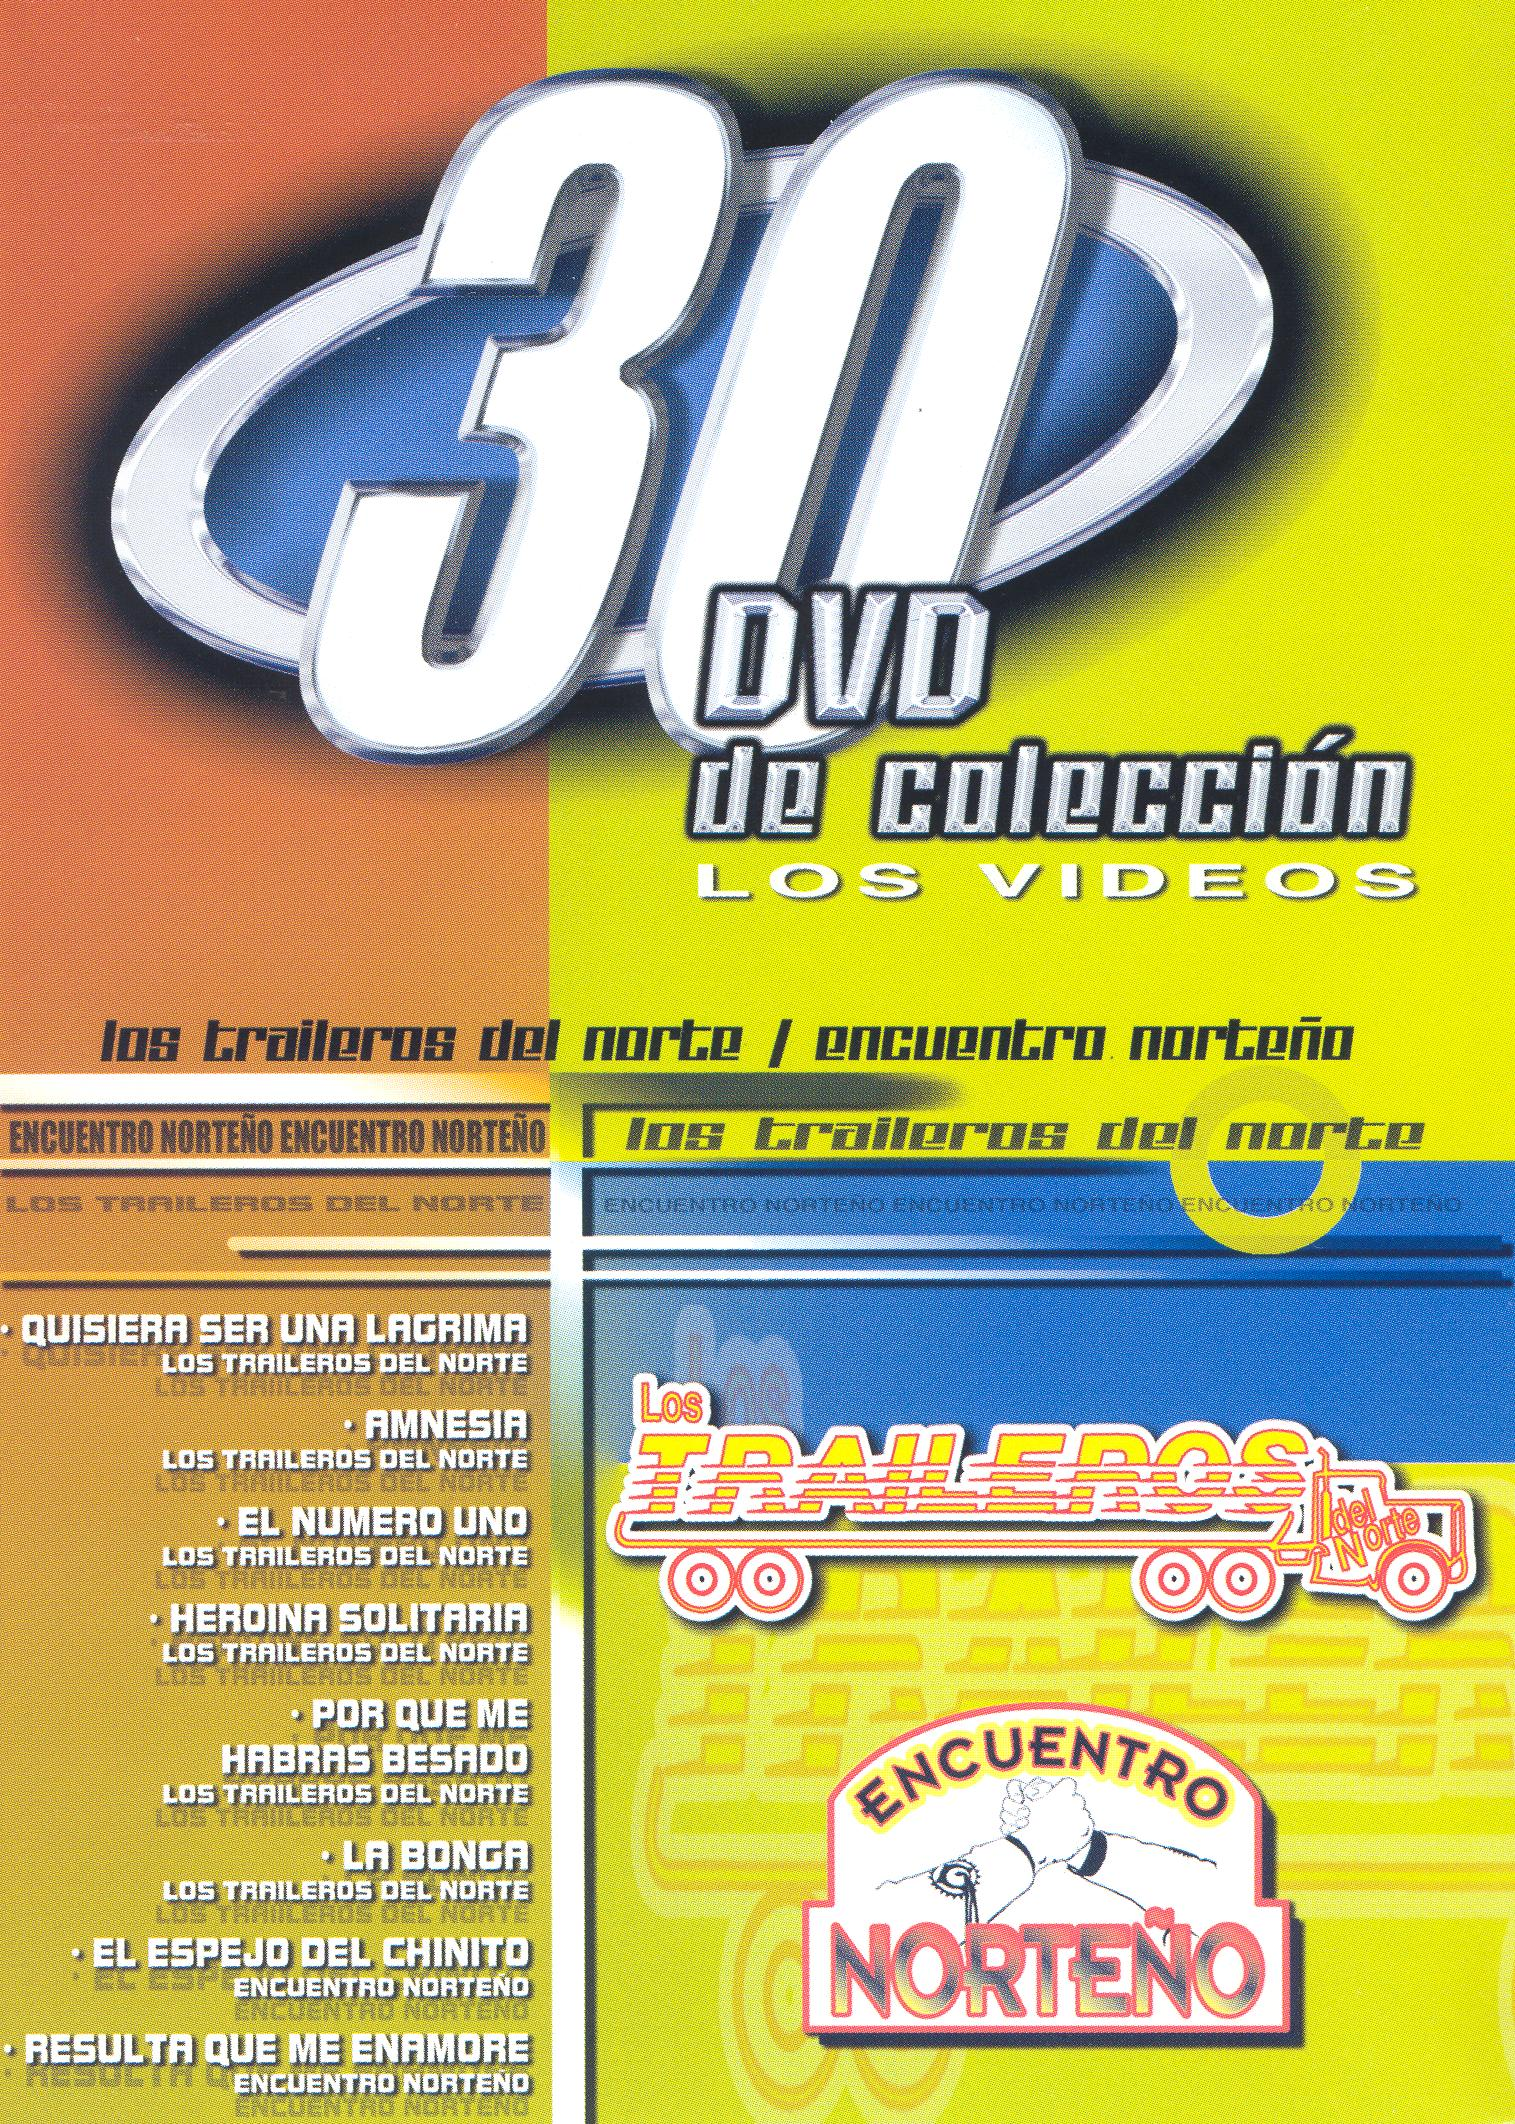 Traileros del Norte/Encuentro: 30 DVD de Coleccion